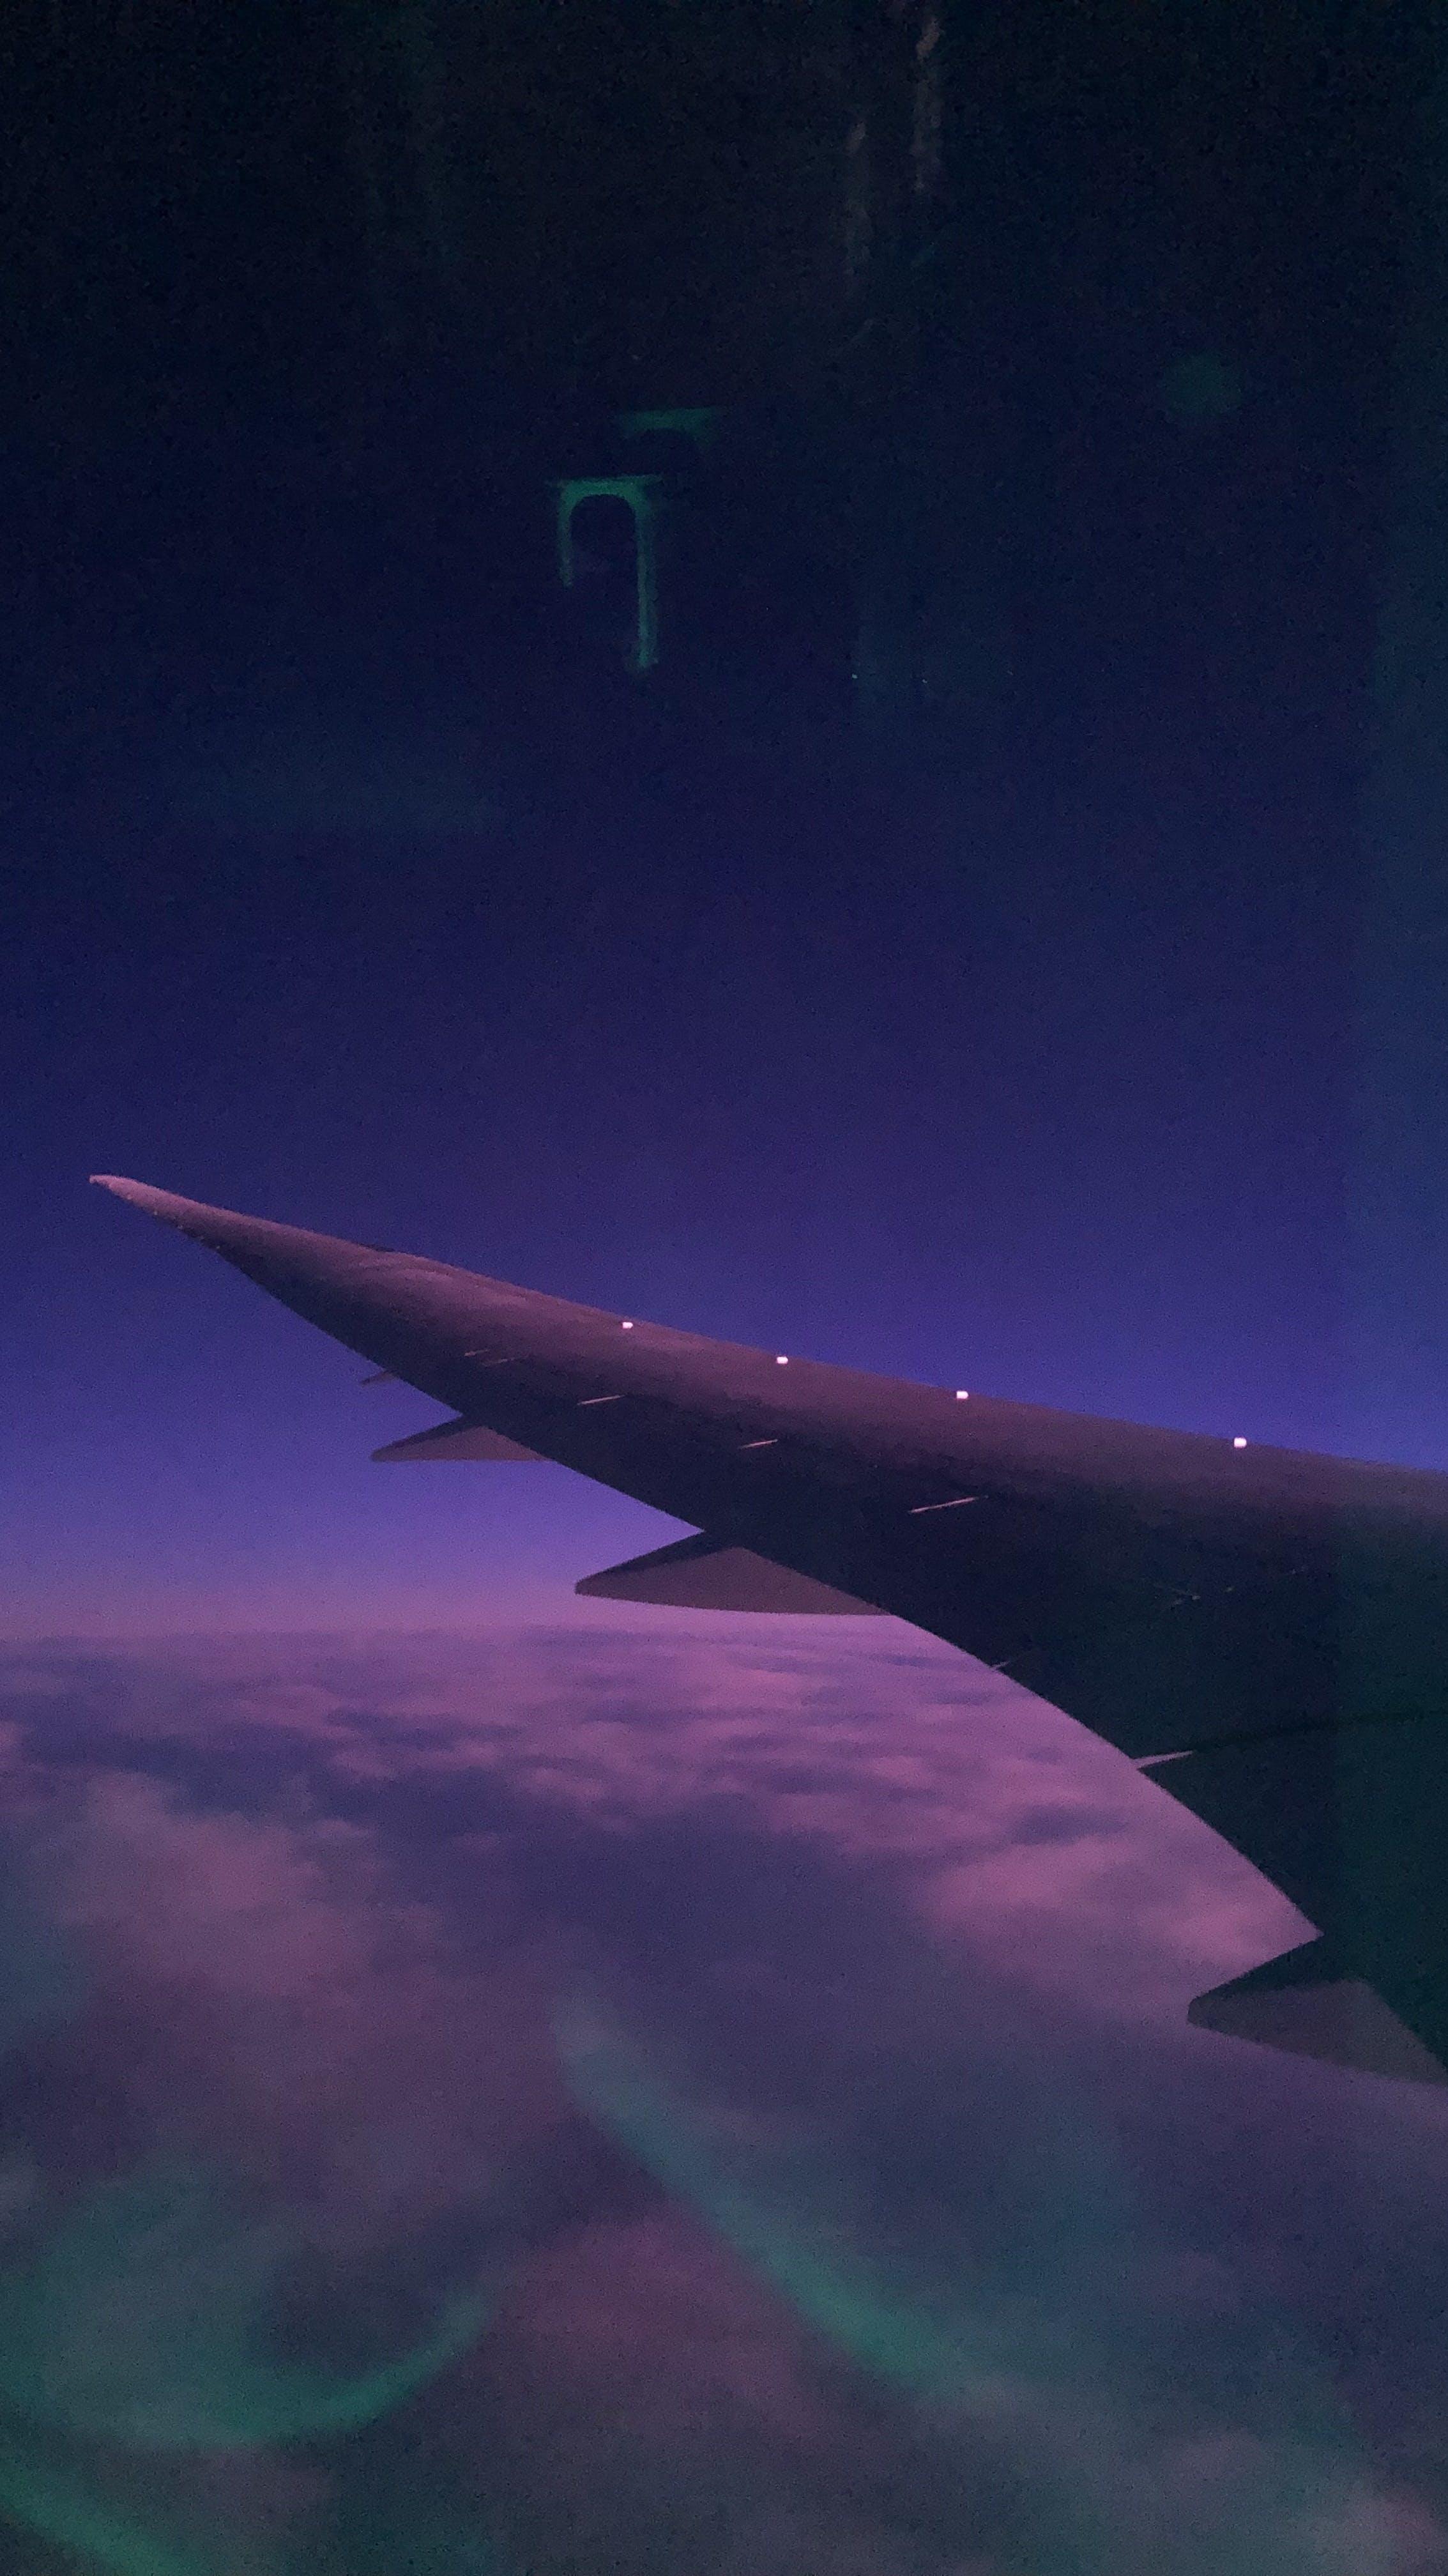 Fotos de stock gratuitas de ala de avión, ambiente, avión, azul y morado